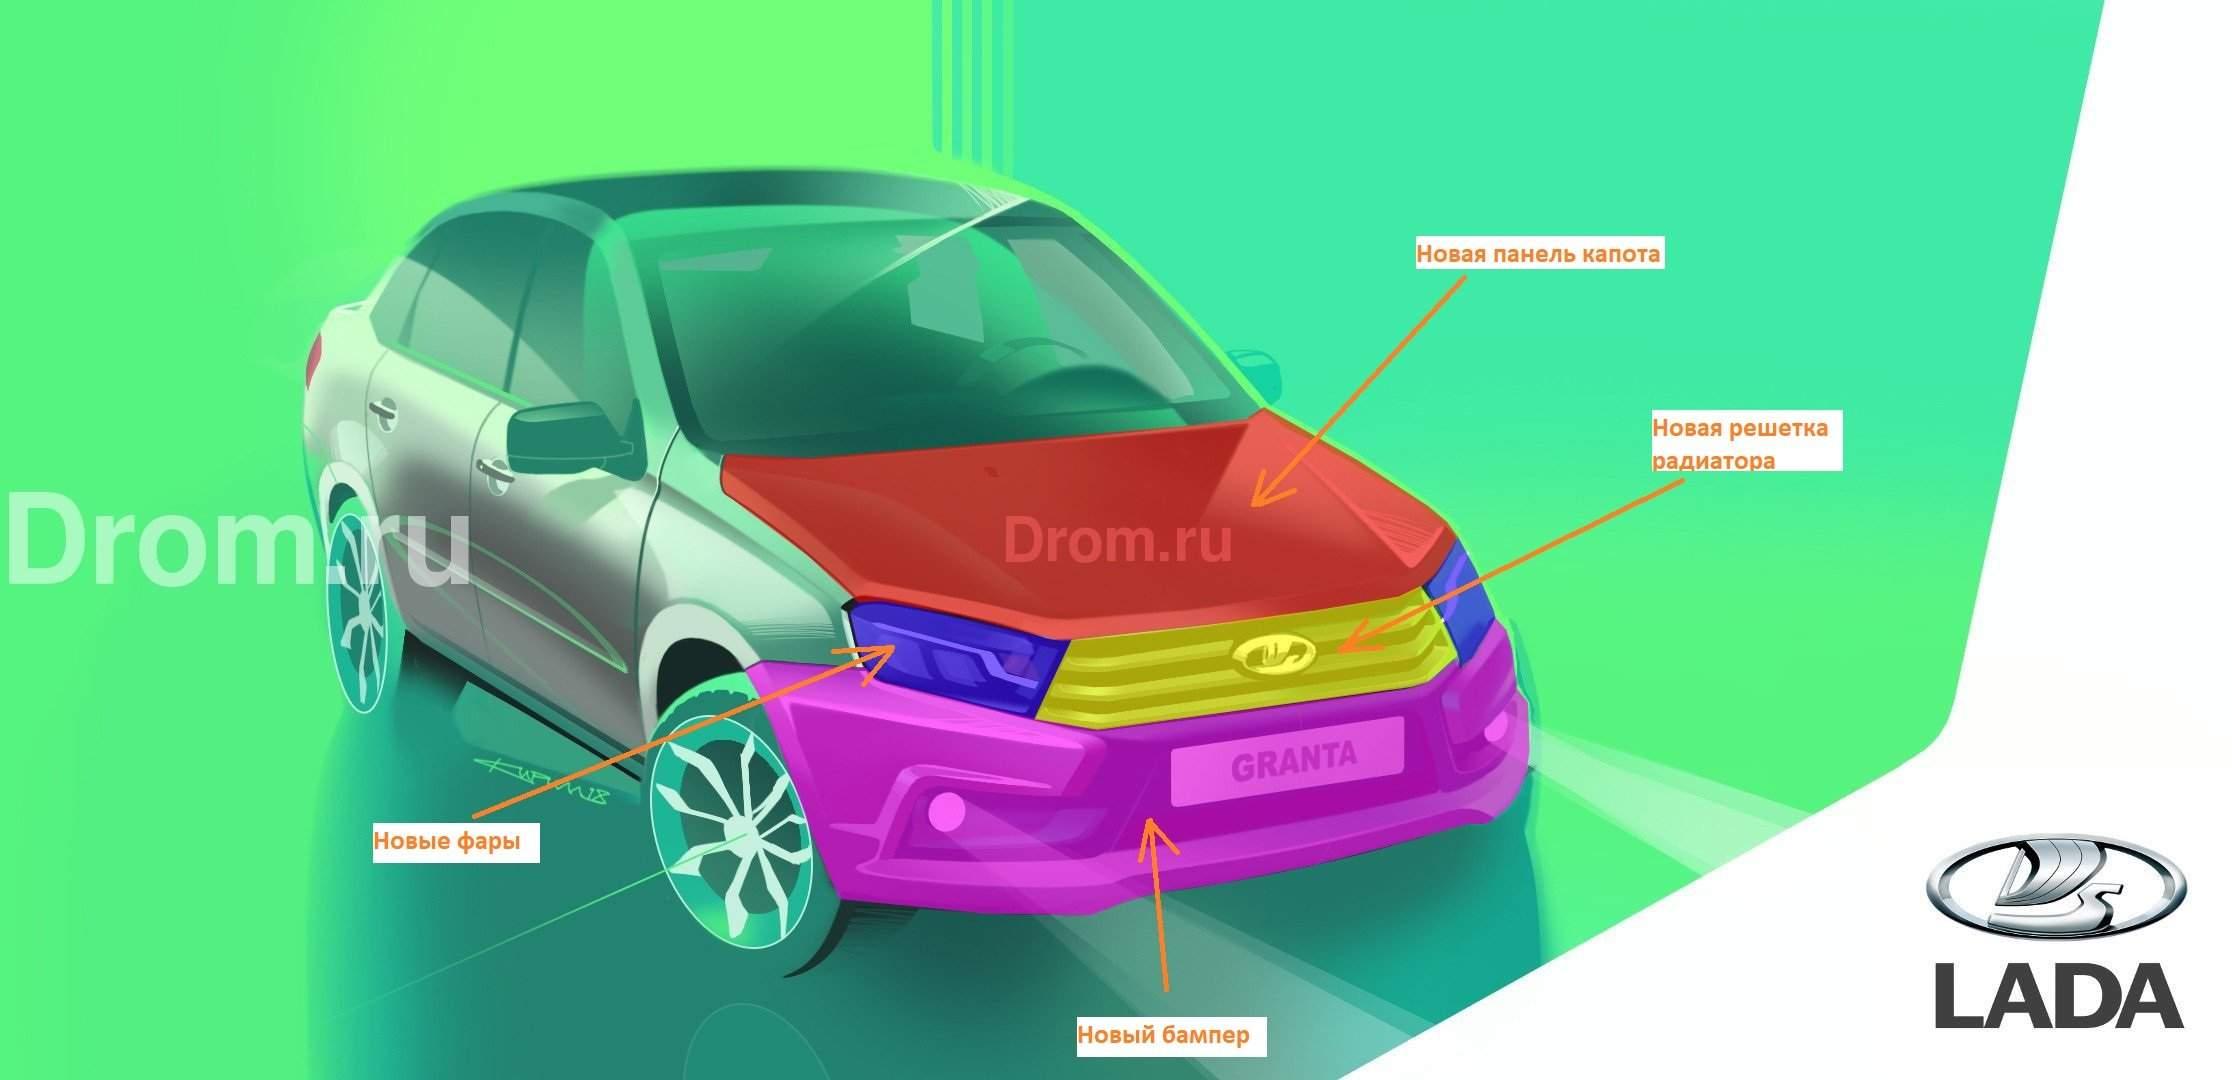 Дизайнеры представили эскизы обновленной версии Lada Granta